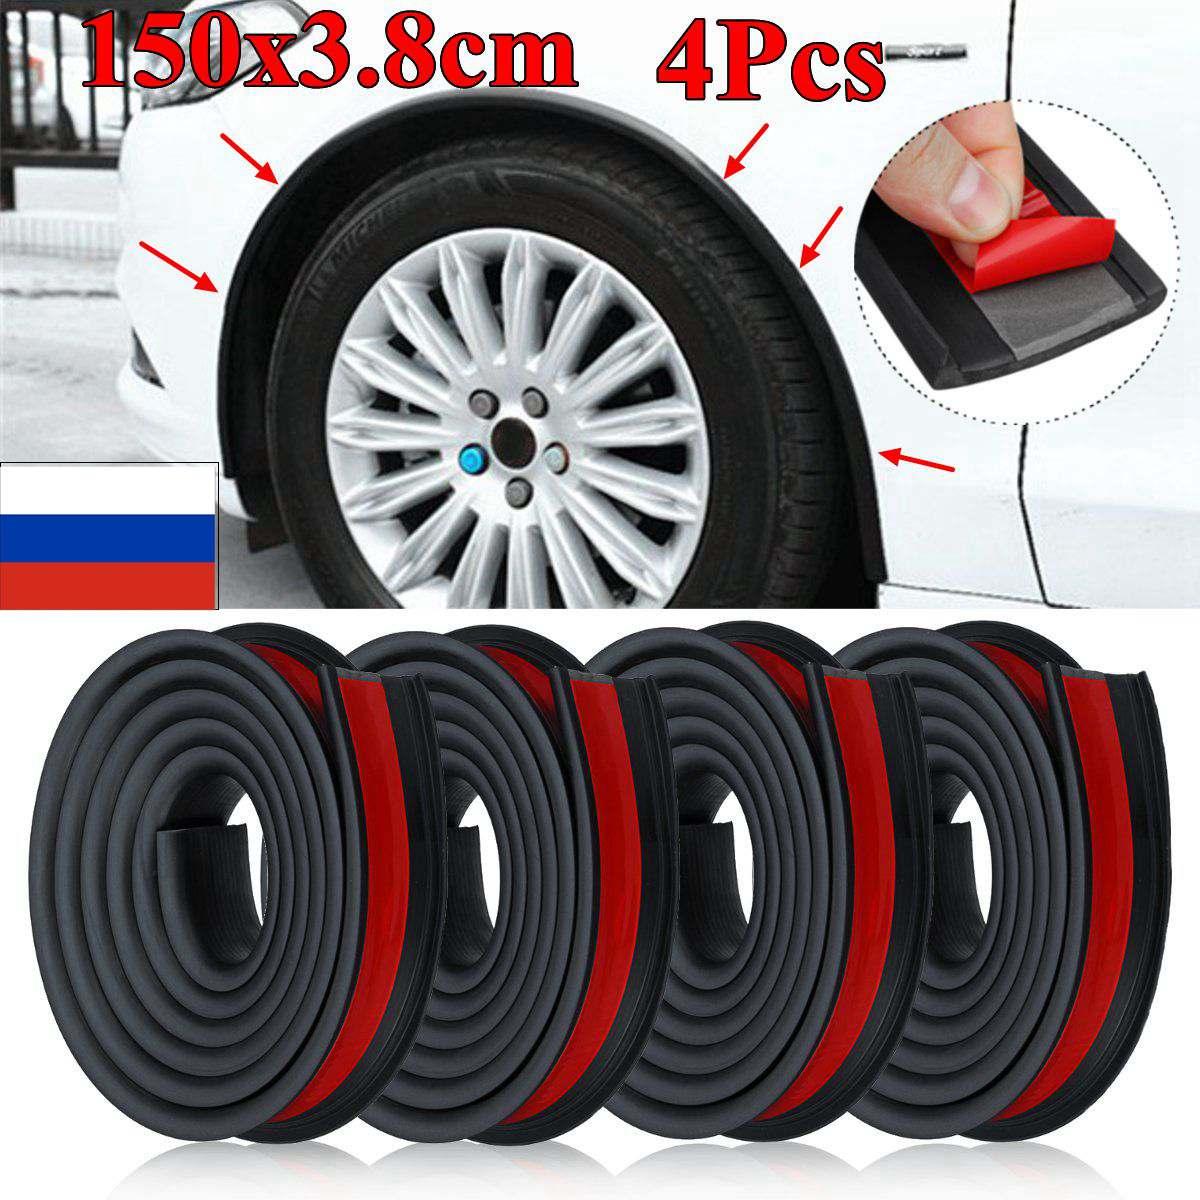 4 pièces 1.5M x 3.8CM universel caoutchouc voiture passage de roue Protection moulures Anti-collision garde-boue voiture roue Protection roue autocollant